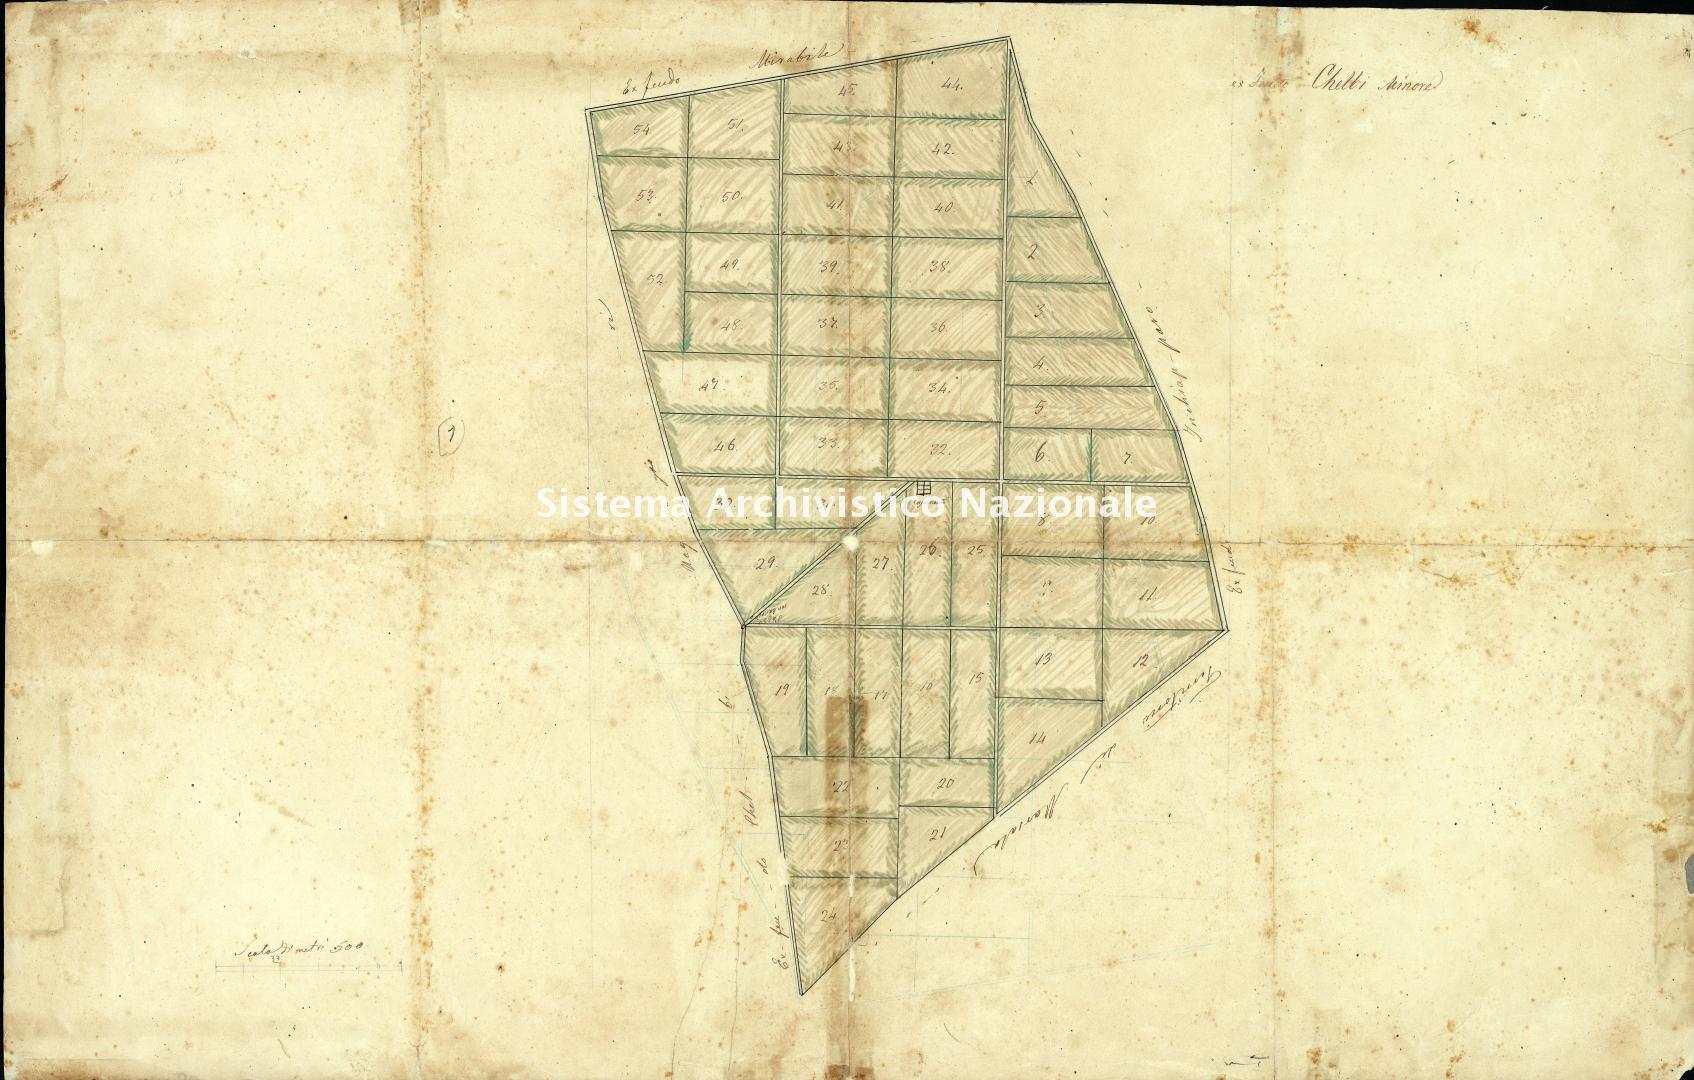 Archivio di Stato di Trapani, Commissione per l'Enfiteusi dei Beni Rurali Ecclesiastici, Vol. 12 Fasc. 74, carta 33.